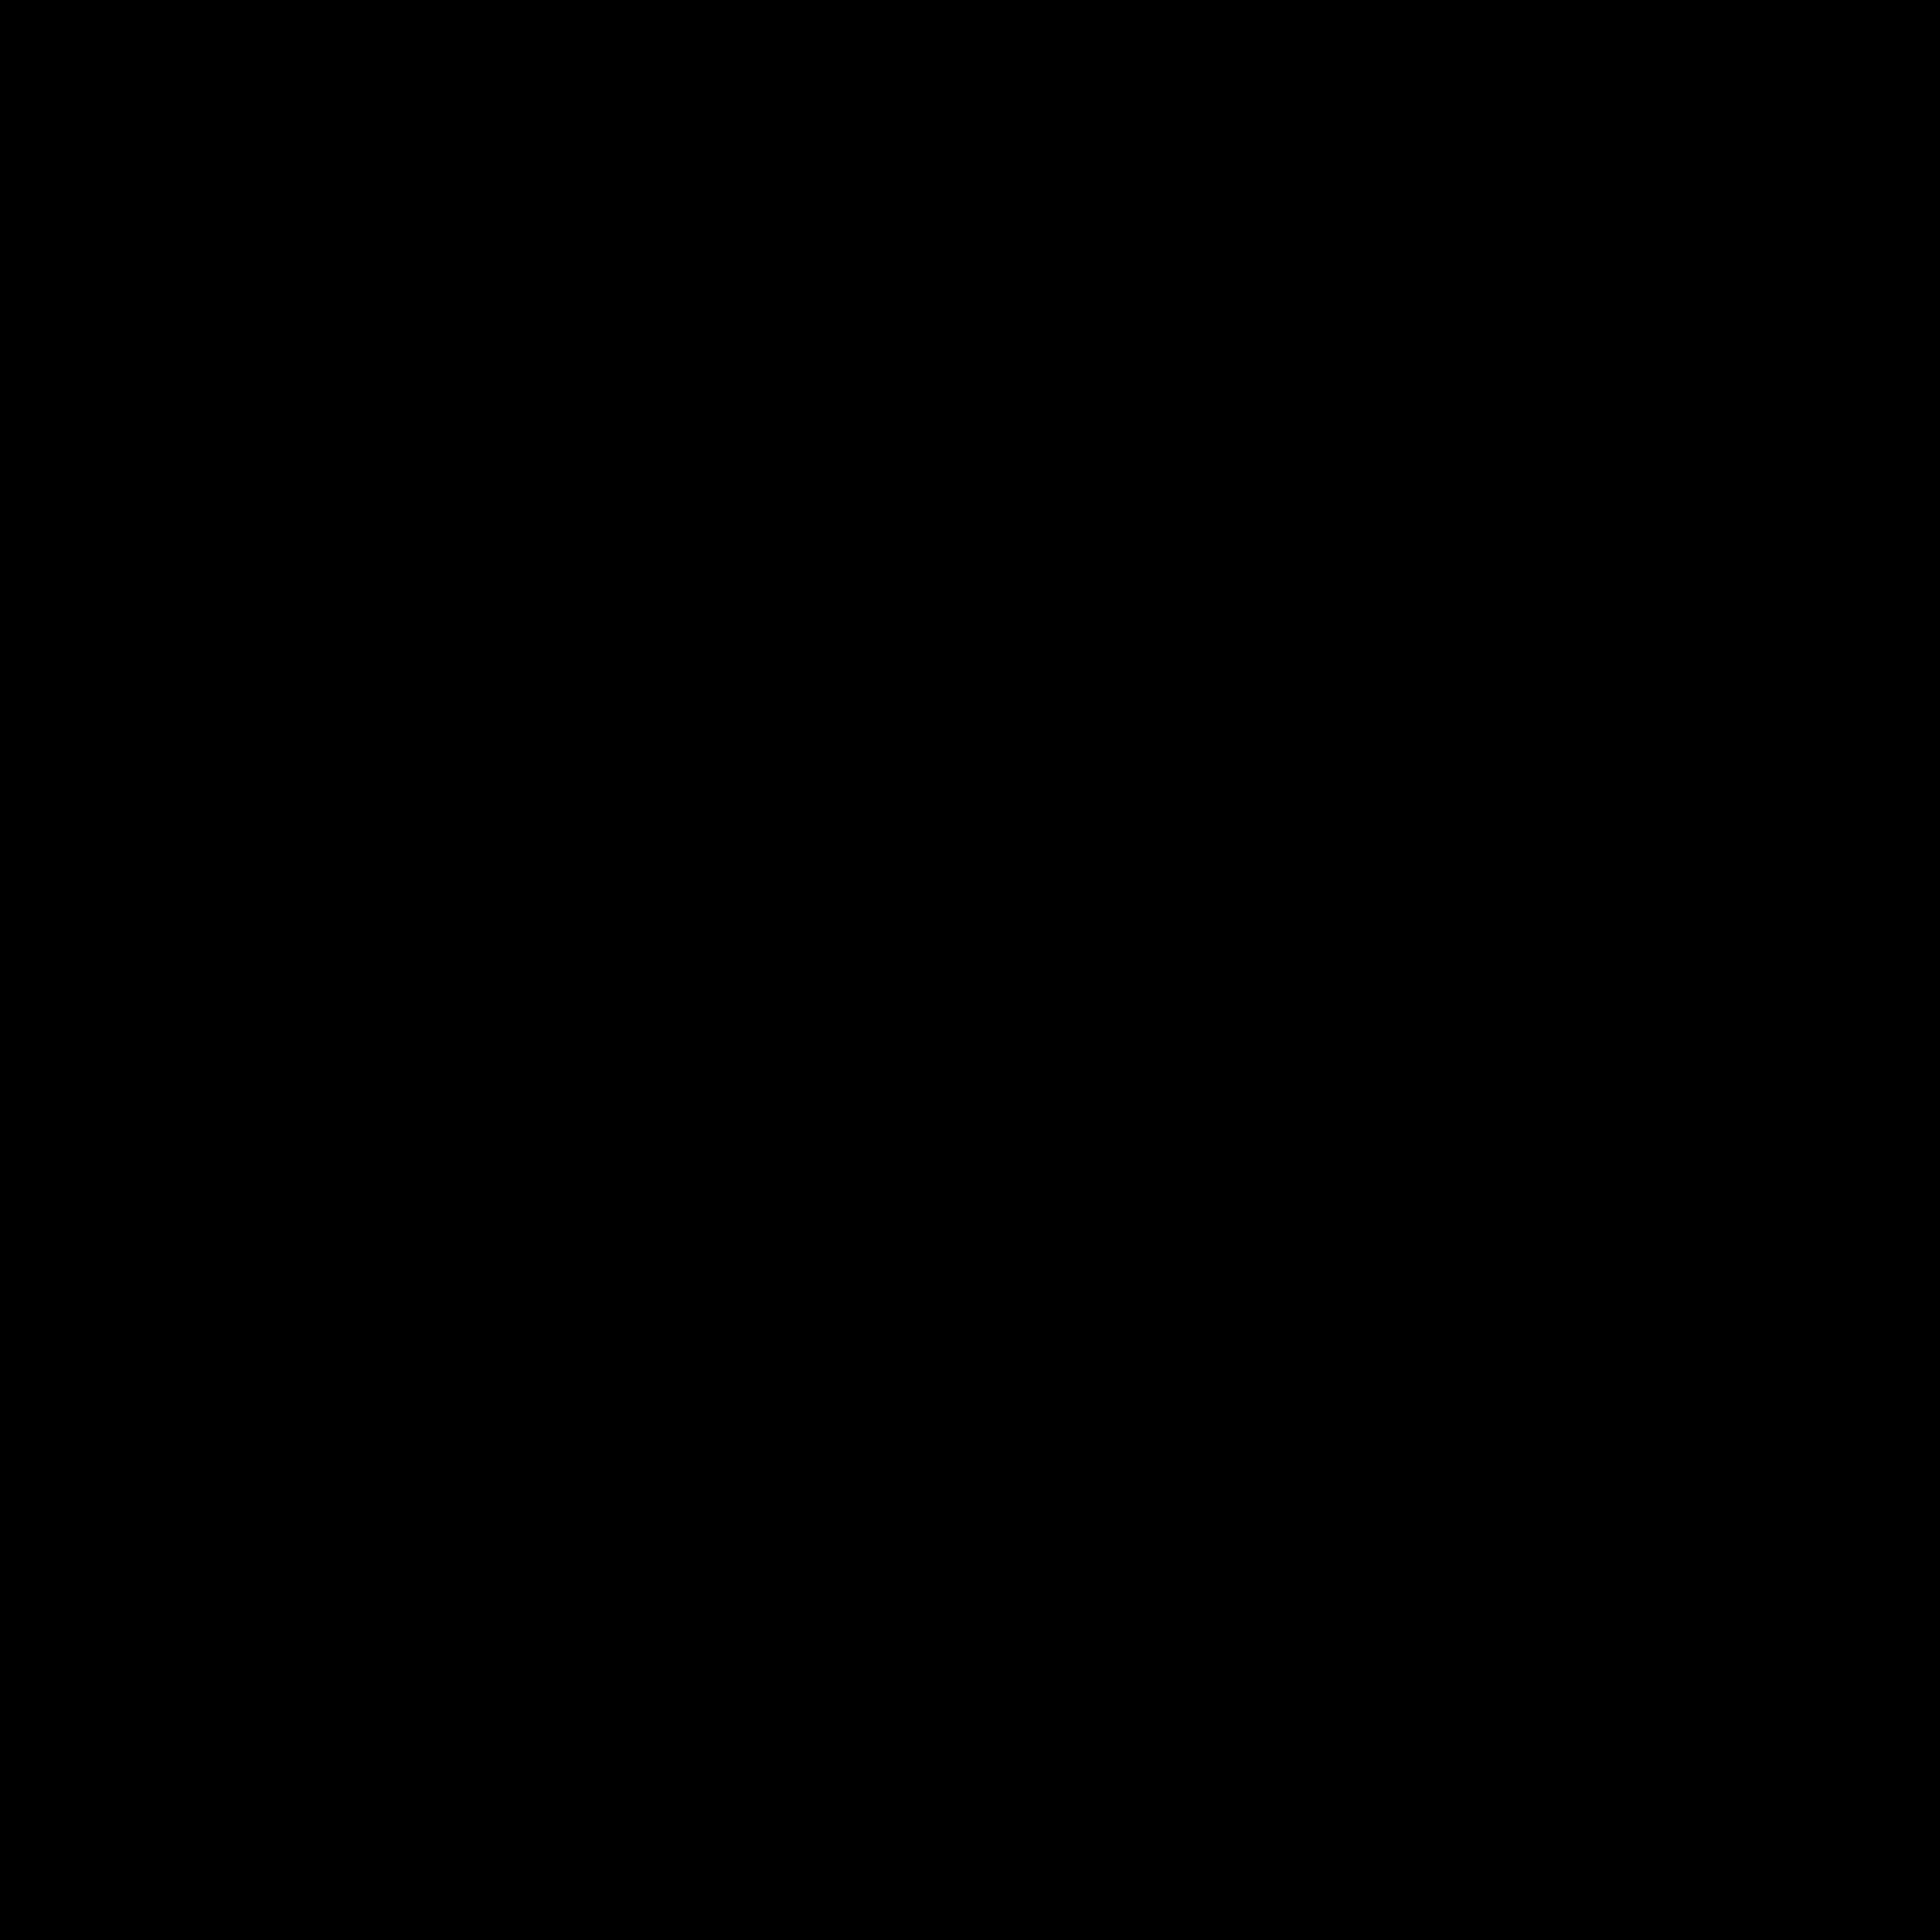 Desempenadeira Aço Inox Efeito Decorativo (08x10x24CM) – Galo